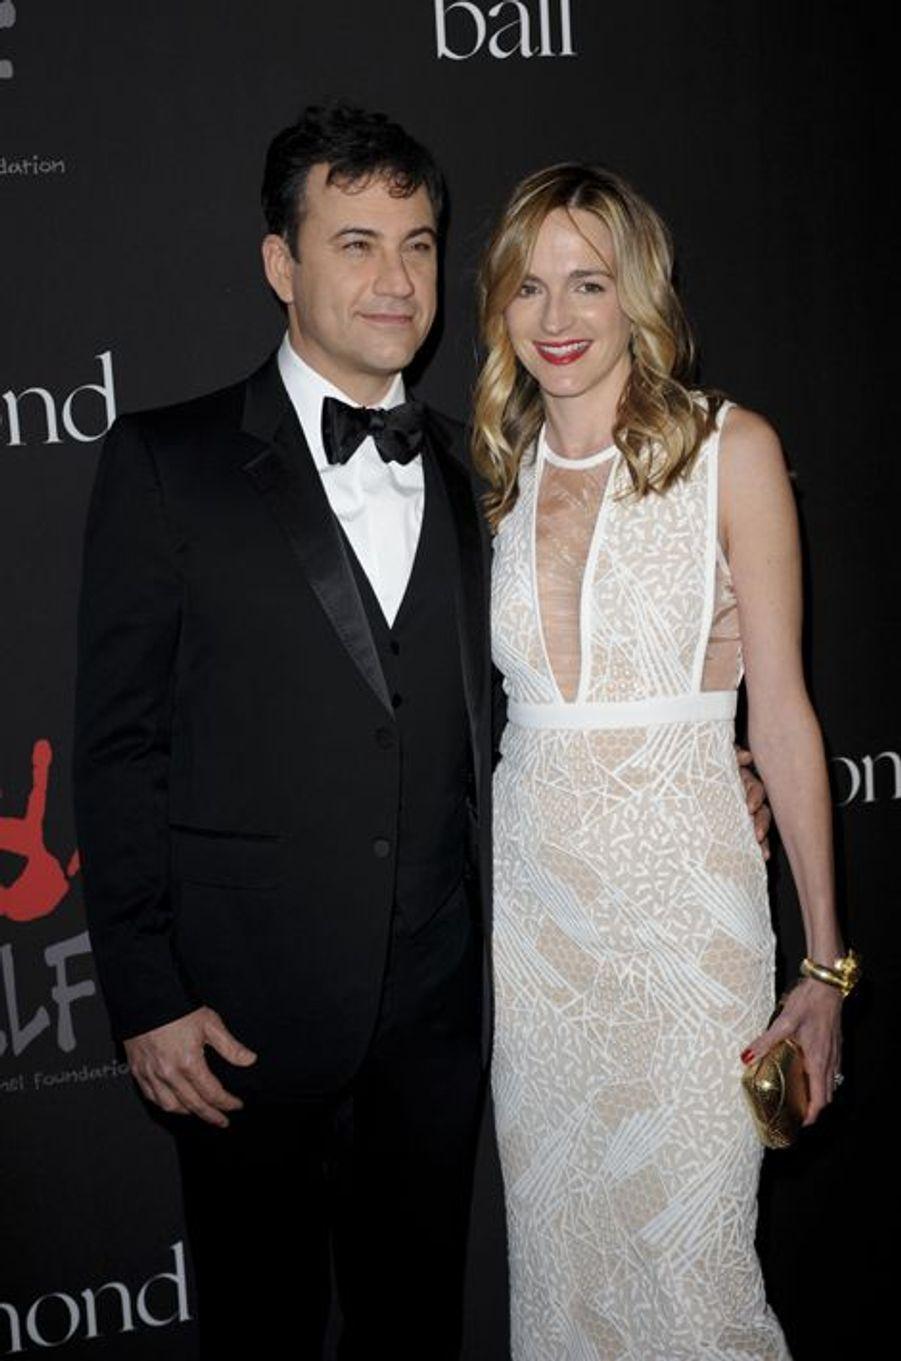 Jimmy Kimmel et son épouse, Molly McNearney, à Los Angeles le 11 décembre 2014